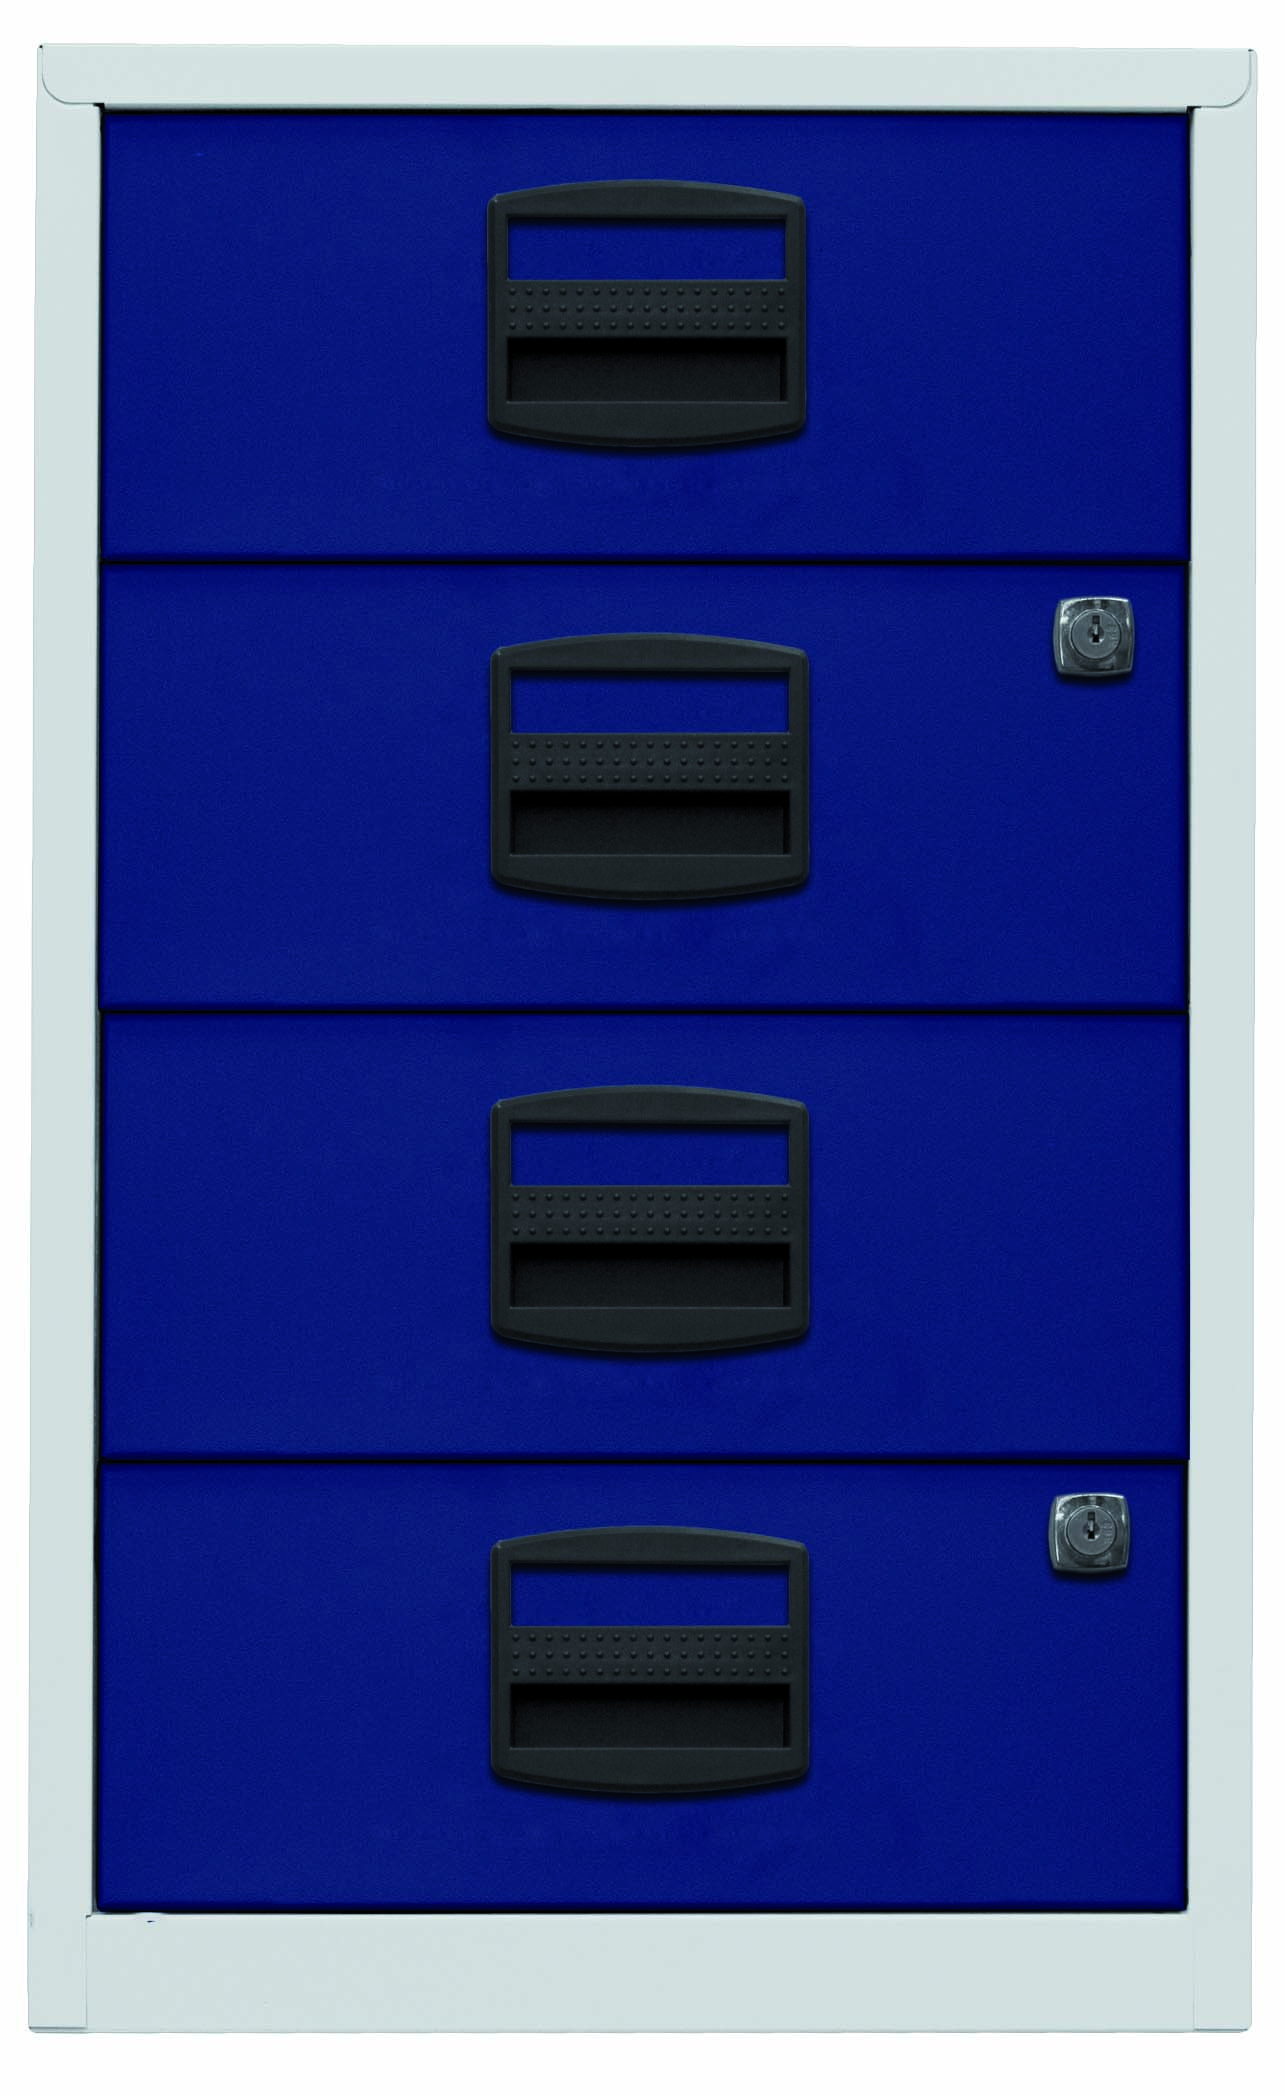 Beistellschrank PFA, 4 Universalschubladen, Farbe Korpus lichtgrau, Fronten oxfordblau